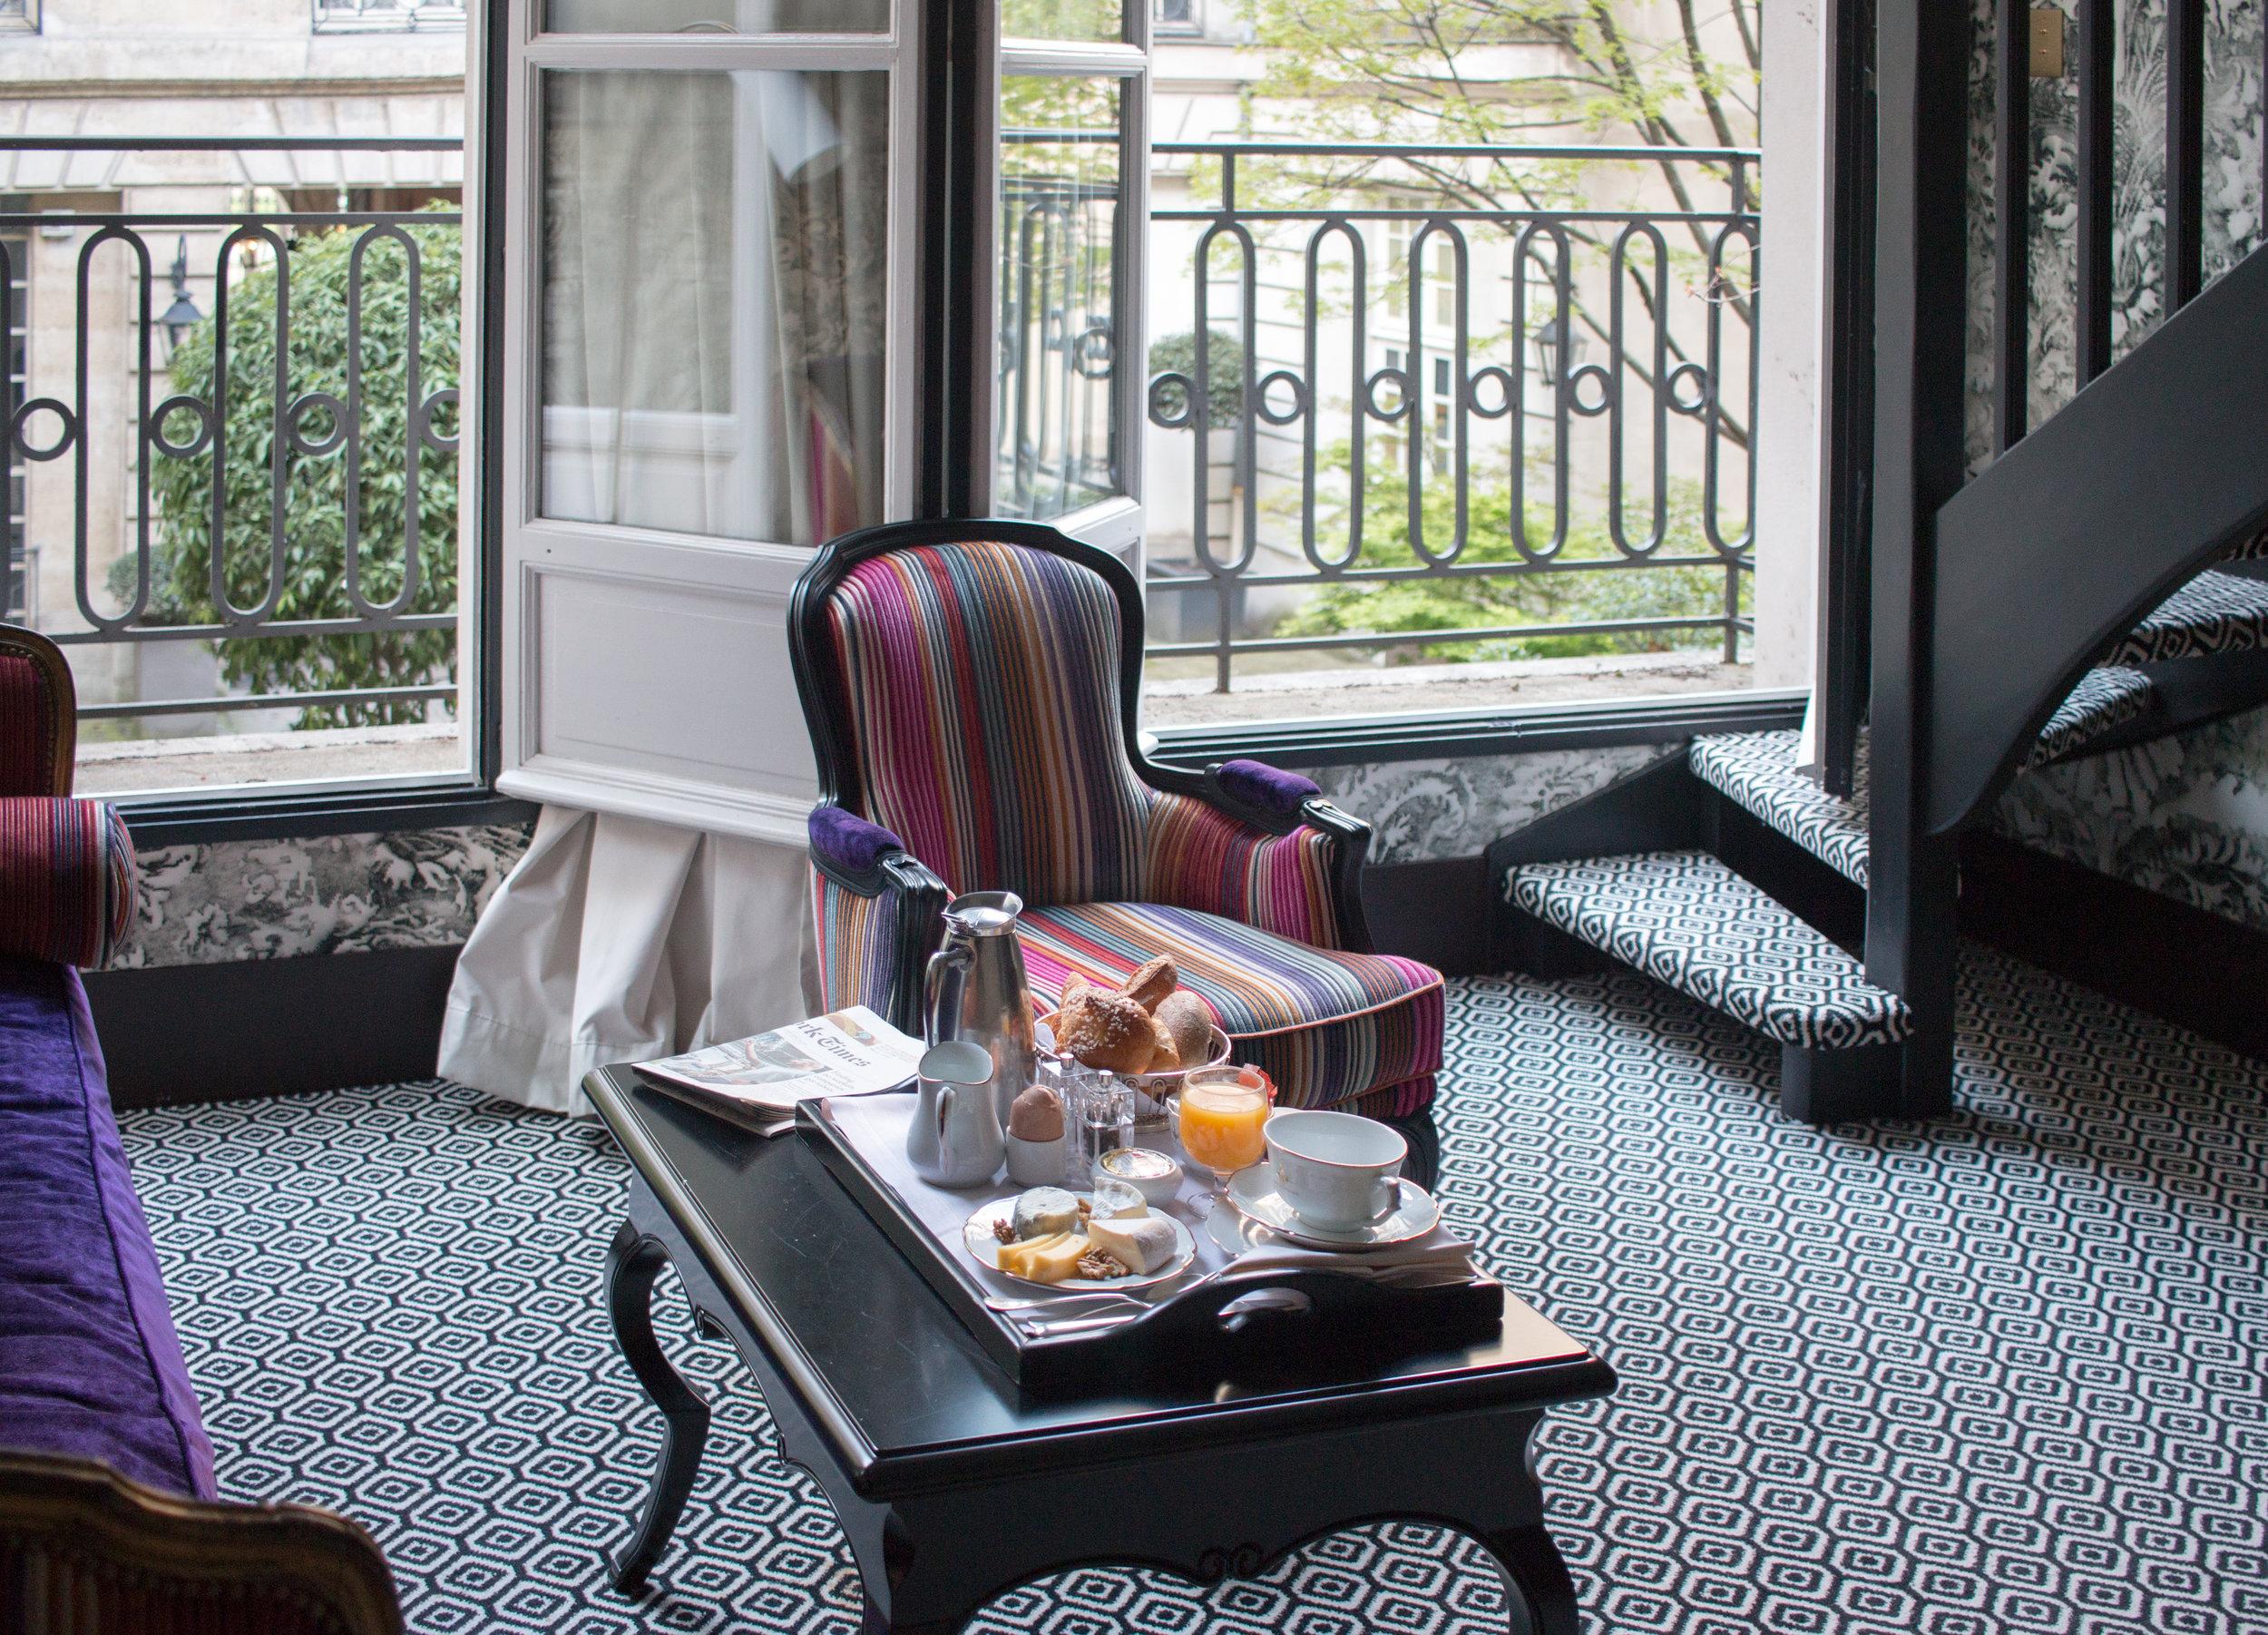 pavillon de la reine paris france hotel marais